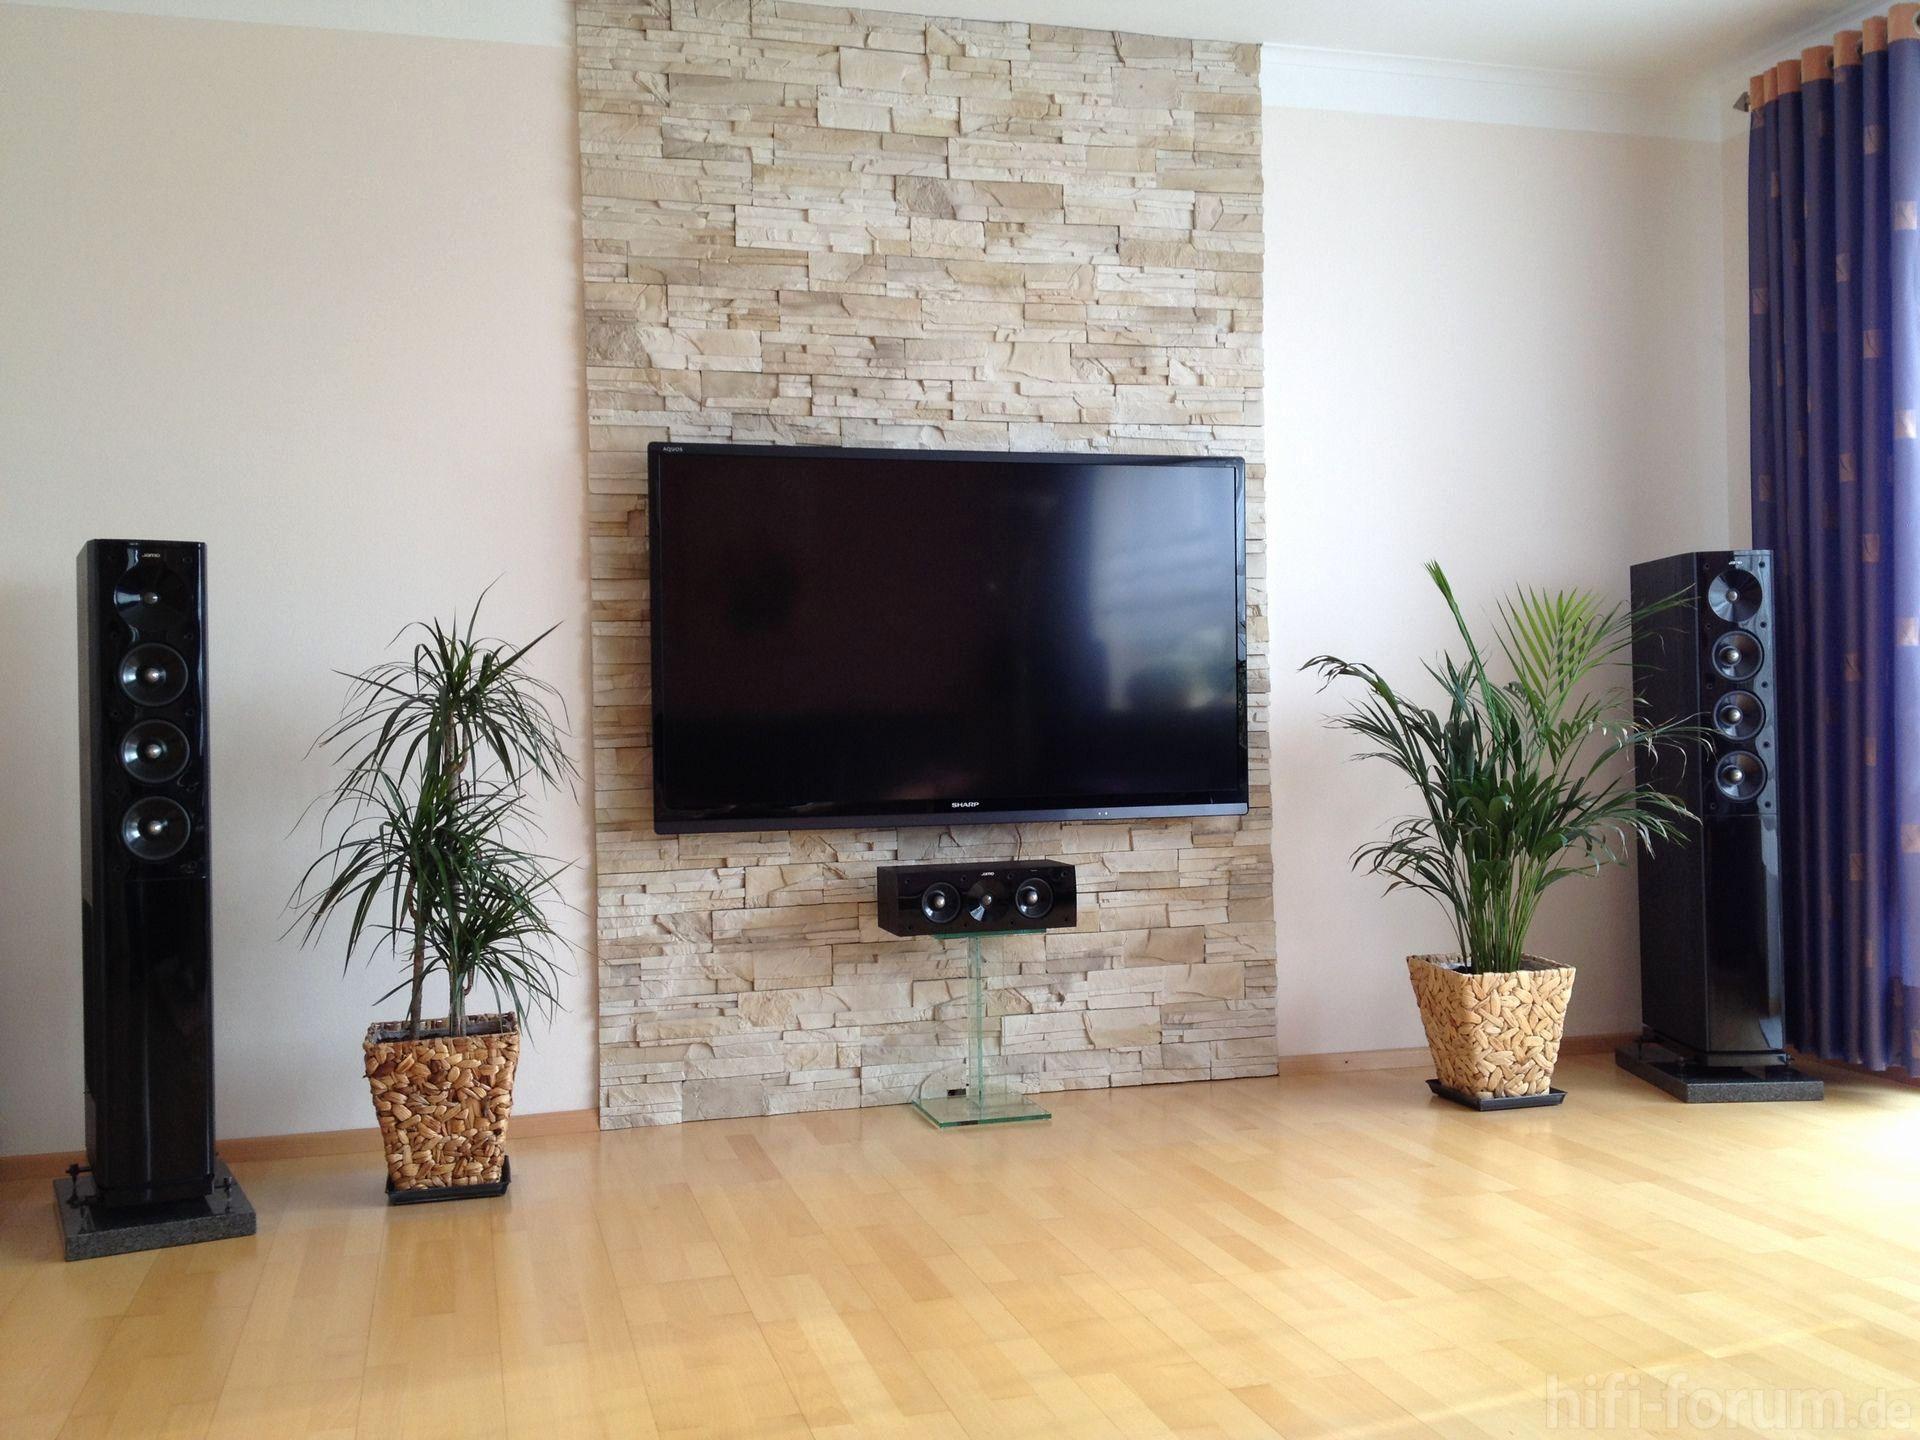 Konzept 10 Zum Fernsehwand Selber Bauen #wohnzimmer fernsehwand